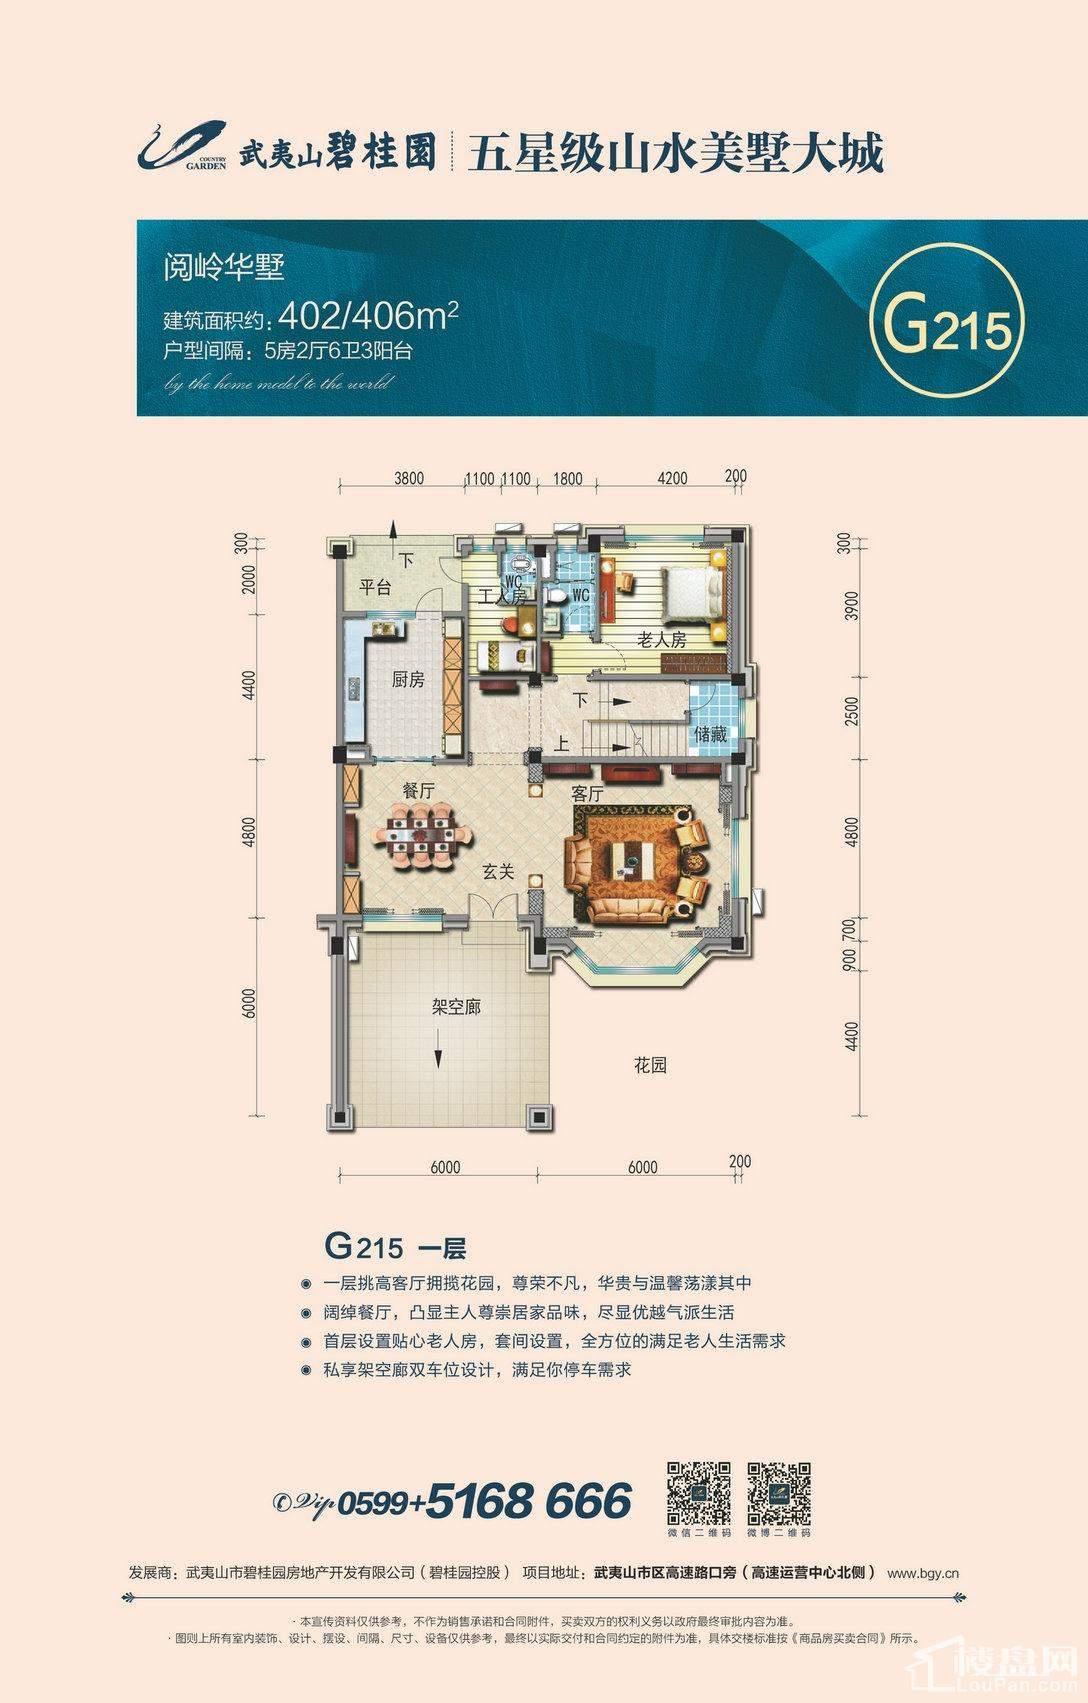 G215-1 阅岭华墅